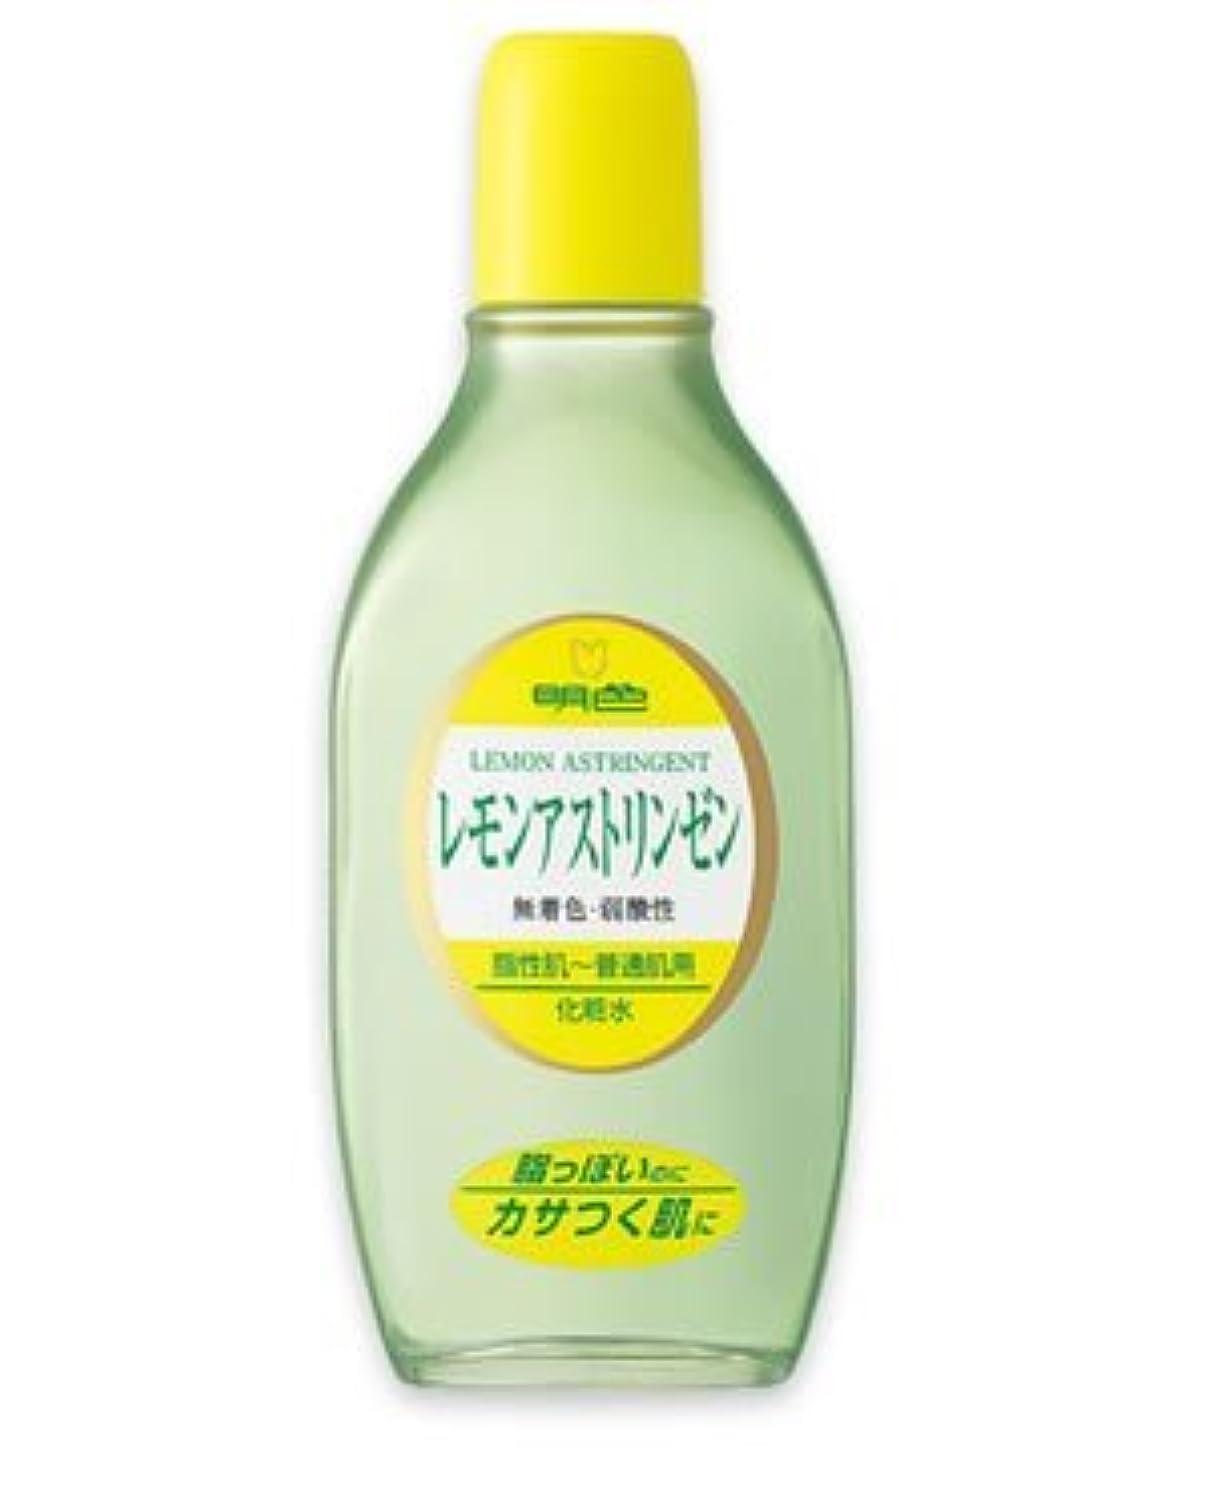 (明色)レモンアストリンゼン 170ml(お買い得3本セット)